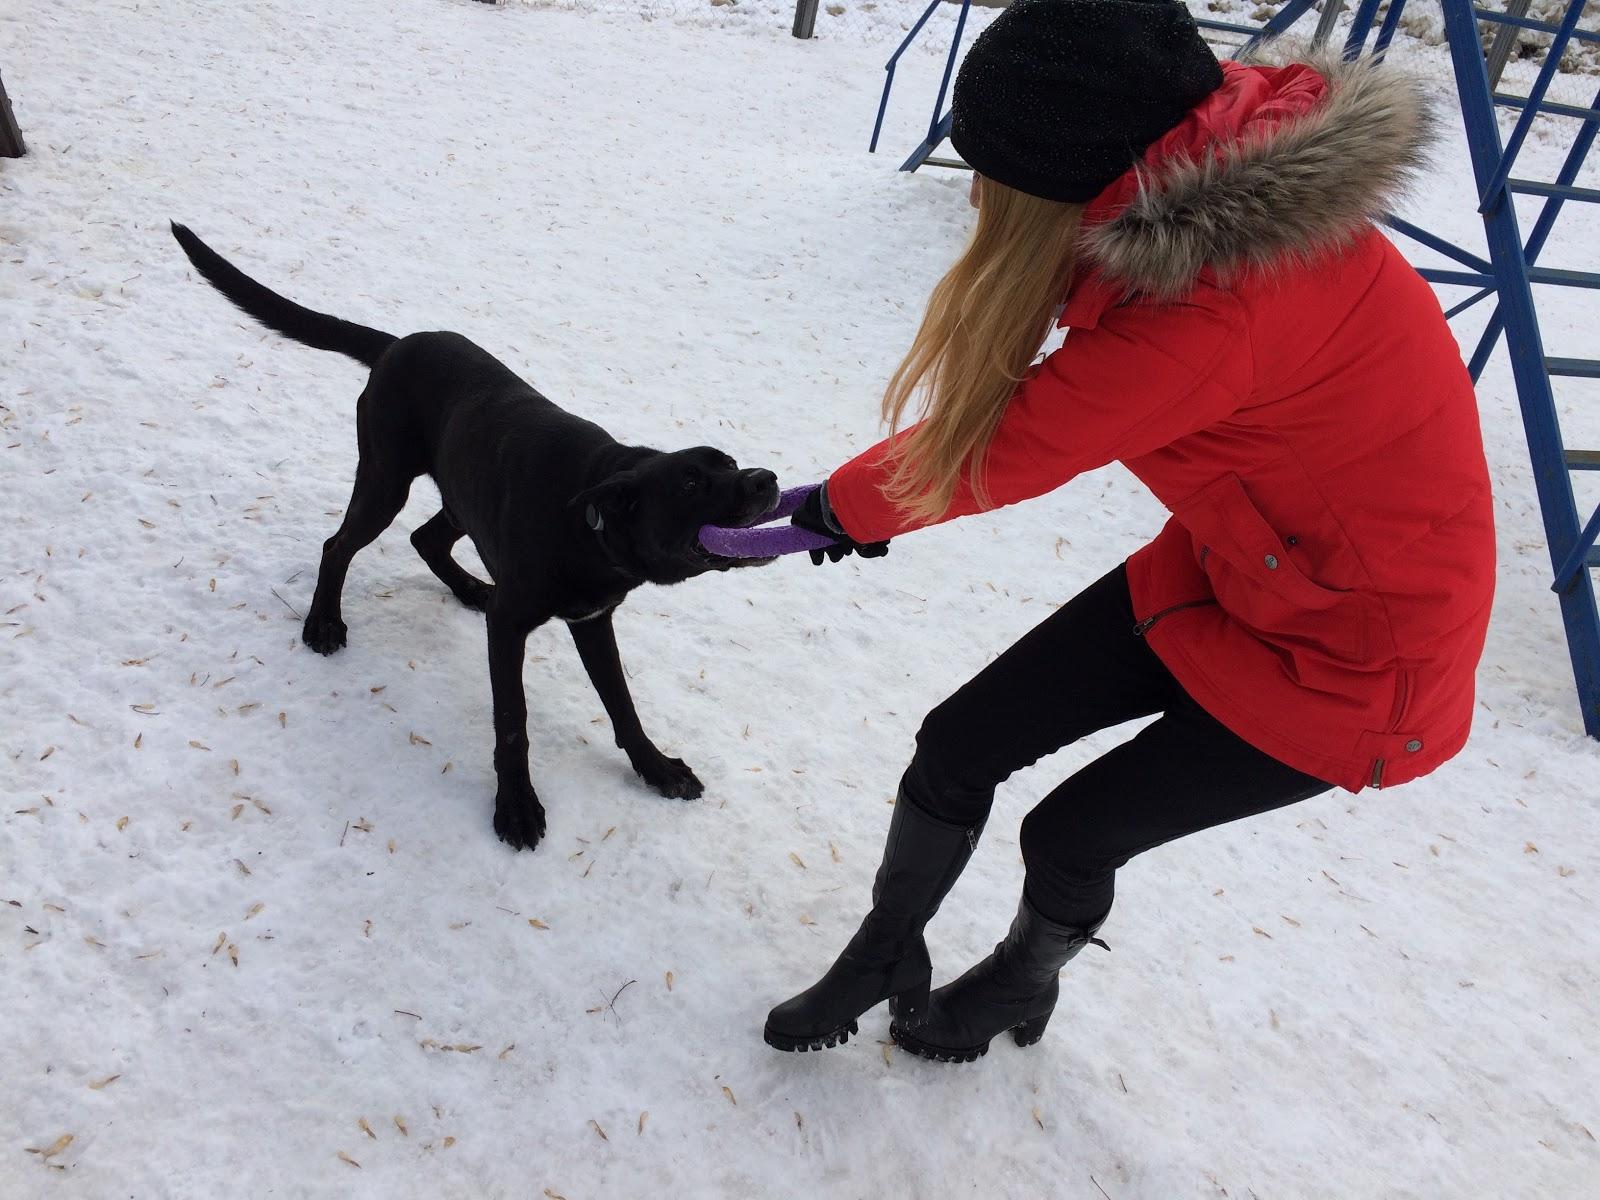 Тестируем на животных: как работает GPS-трекер для собак Mishiko в Москве? - 11